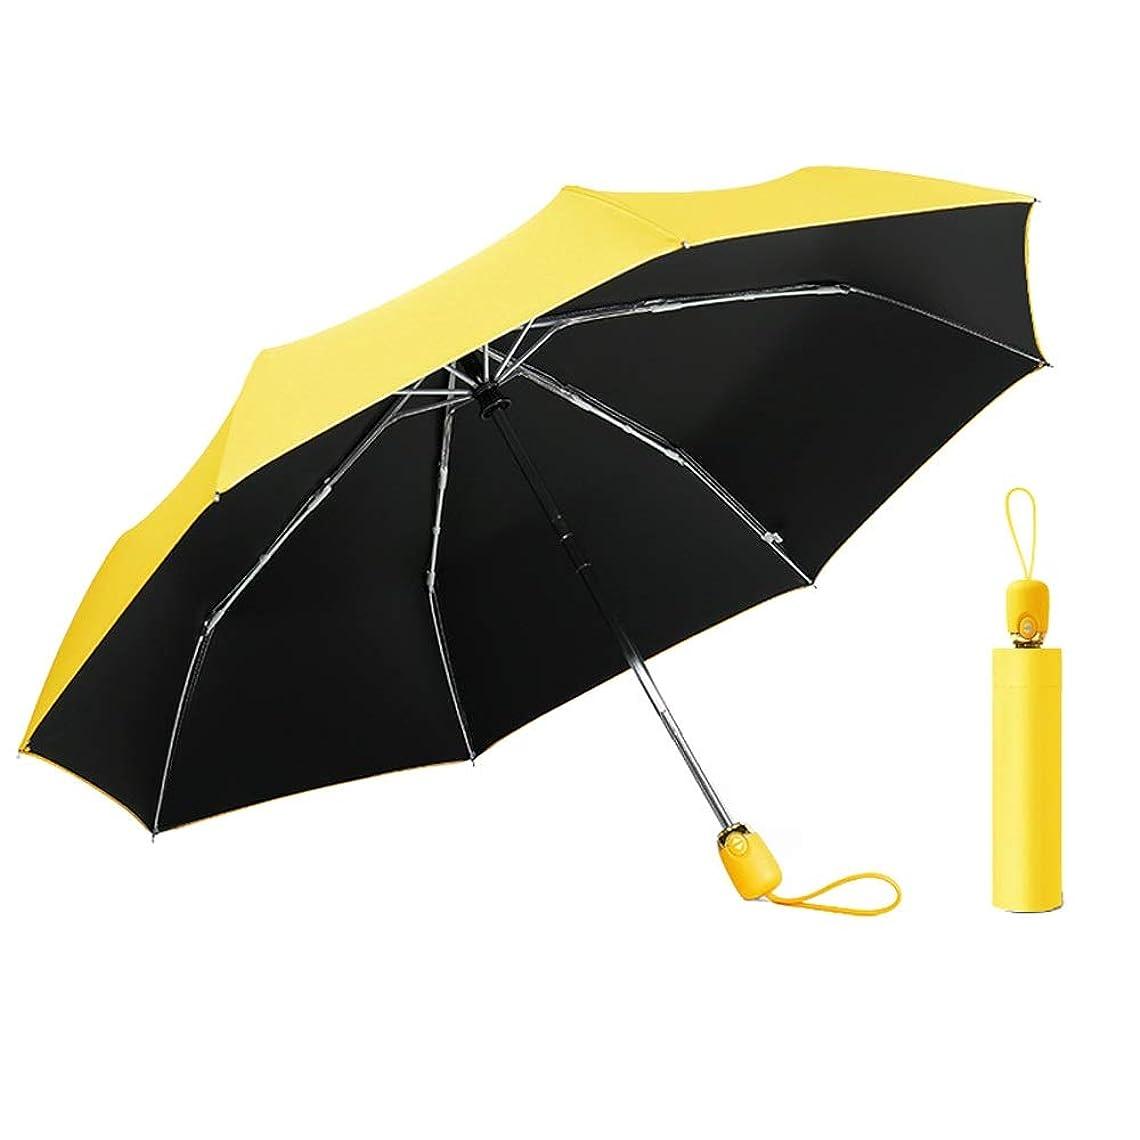 軽量水分悲劇MJZJP 折りたたみ傘 レディース 傘 日傘 軽量 晴雨兼用 耐風 撥水 自動開閉 UVカット 通勤 通学 傘 (Color : イエロー, Size : フリー)